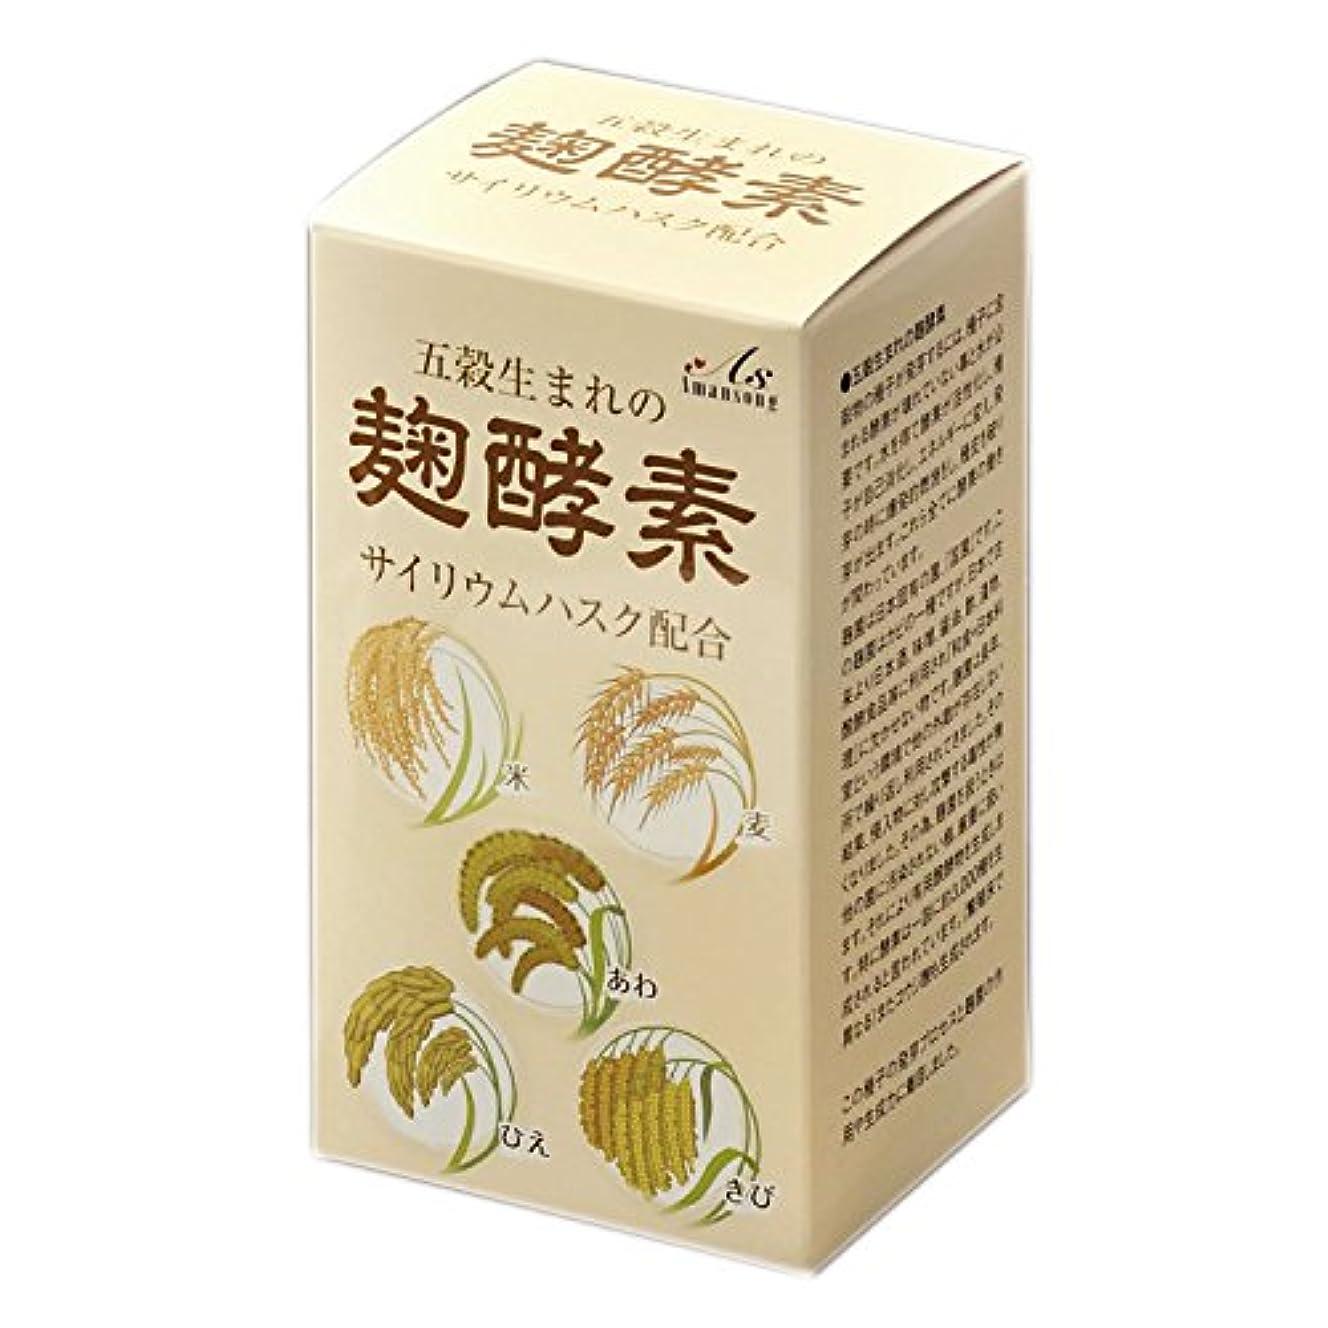 サイドボード少ない権限A?S 五穀生まれの麹酵素 ヨーグルト風味で、活きた酵素を手軽に摂取 30包入り